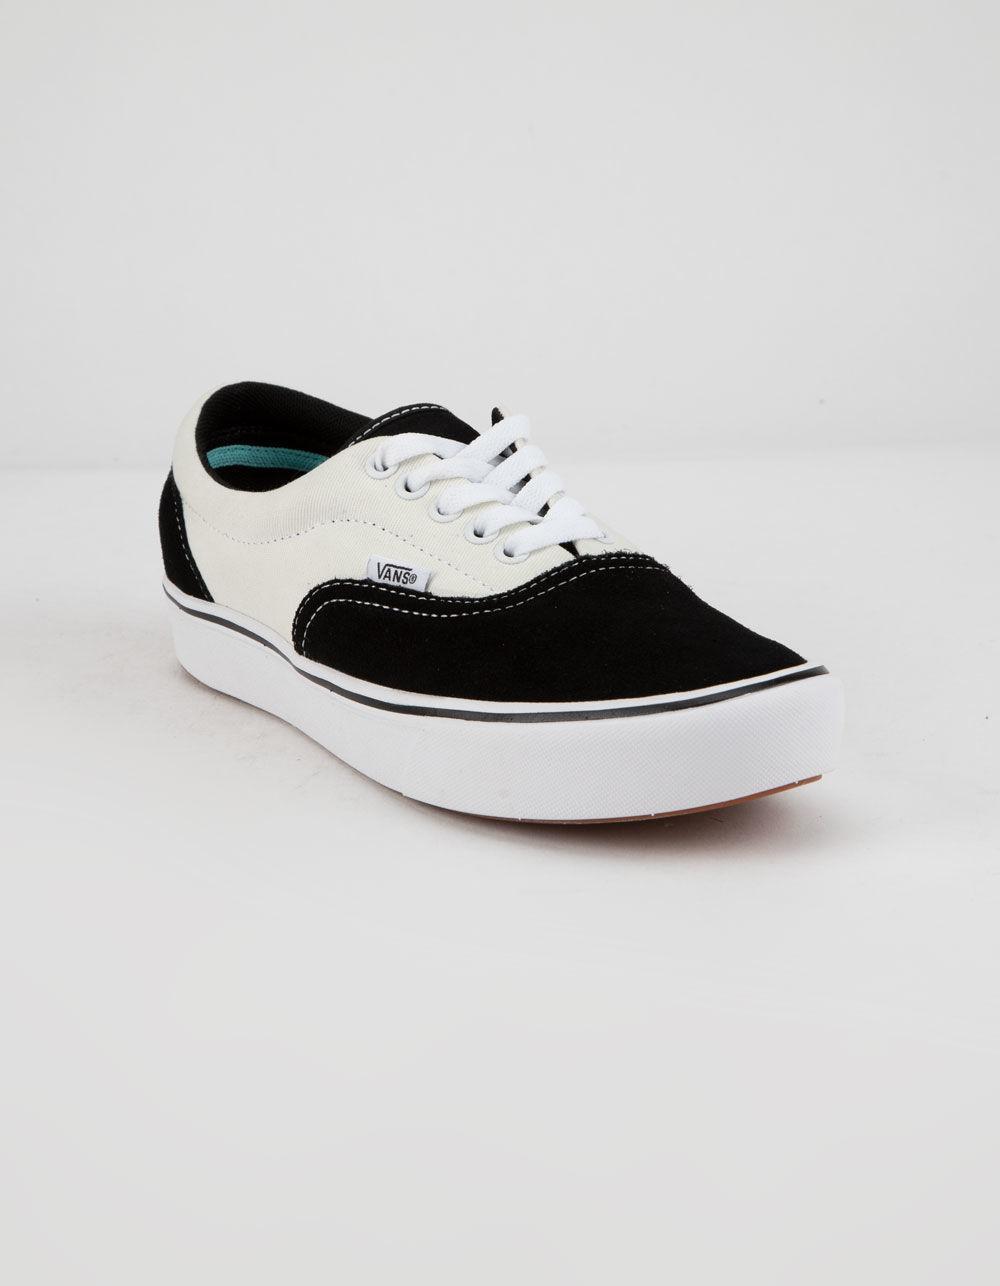 3fcf4efd68e8fa Lyst - Vans Comfycush Era Black   Mars Shoes in Black